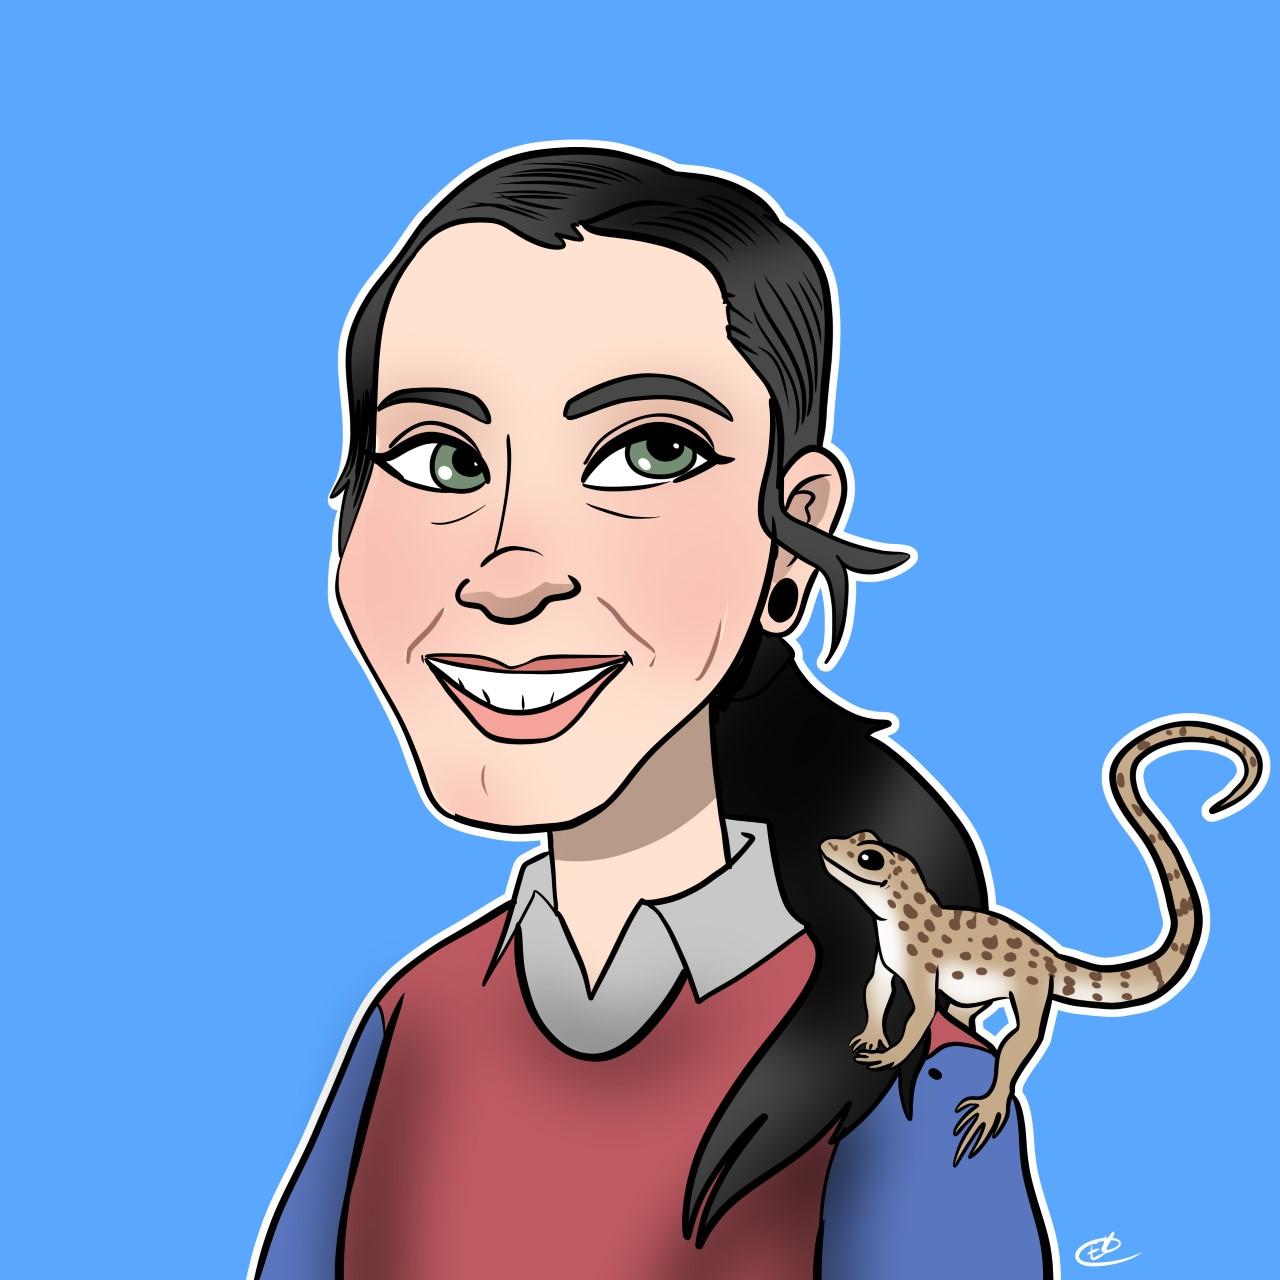 Cartoon of Kat Ivey